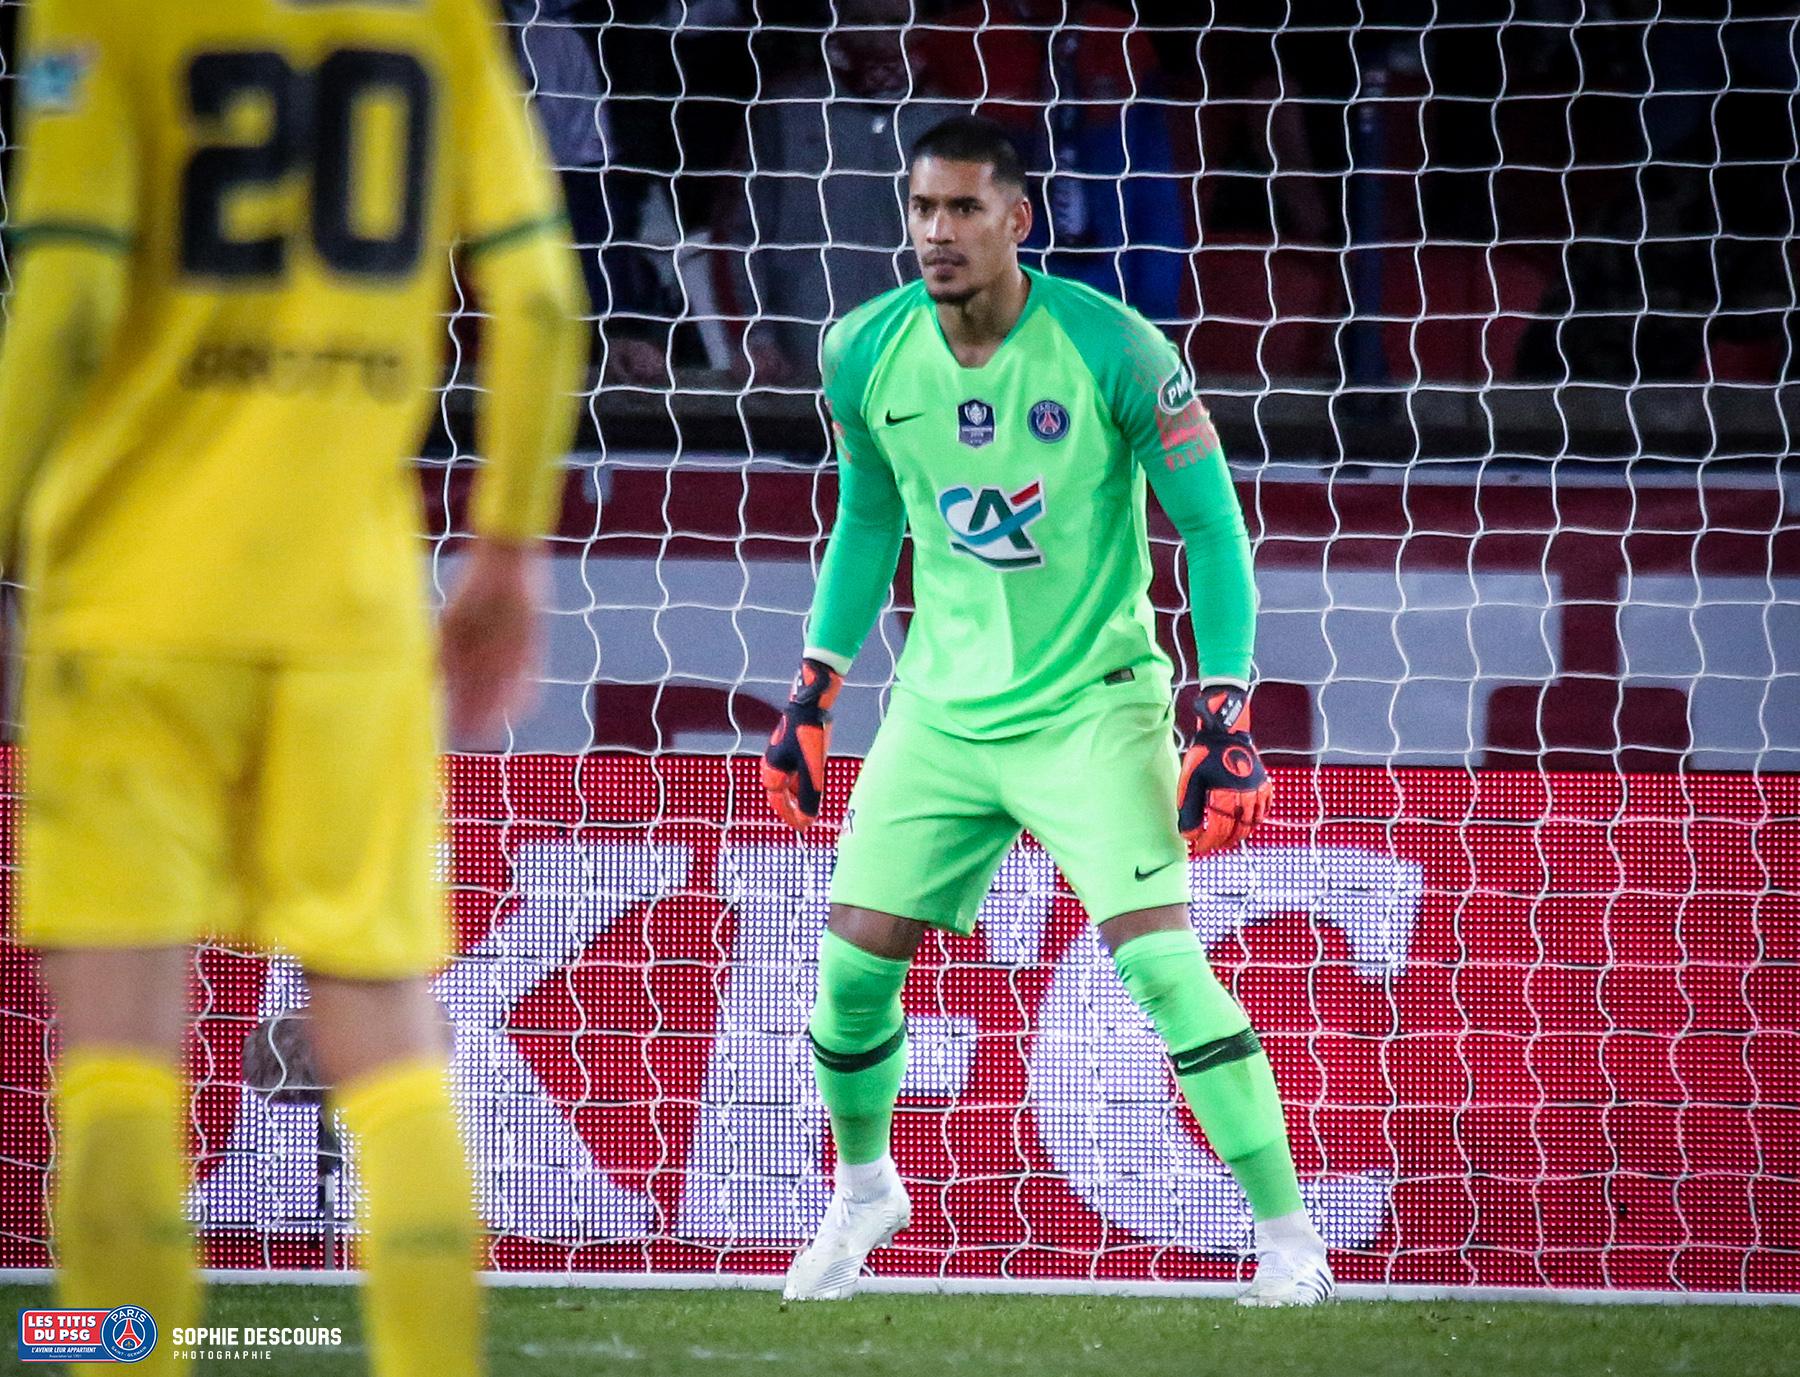 Alphonse Areola pendant la demi finale de la coupe de France PSG-FC NANTES